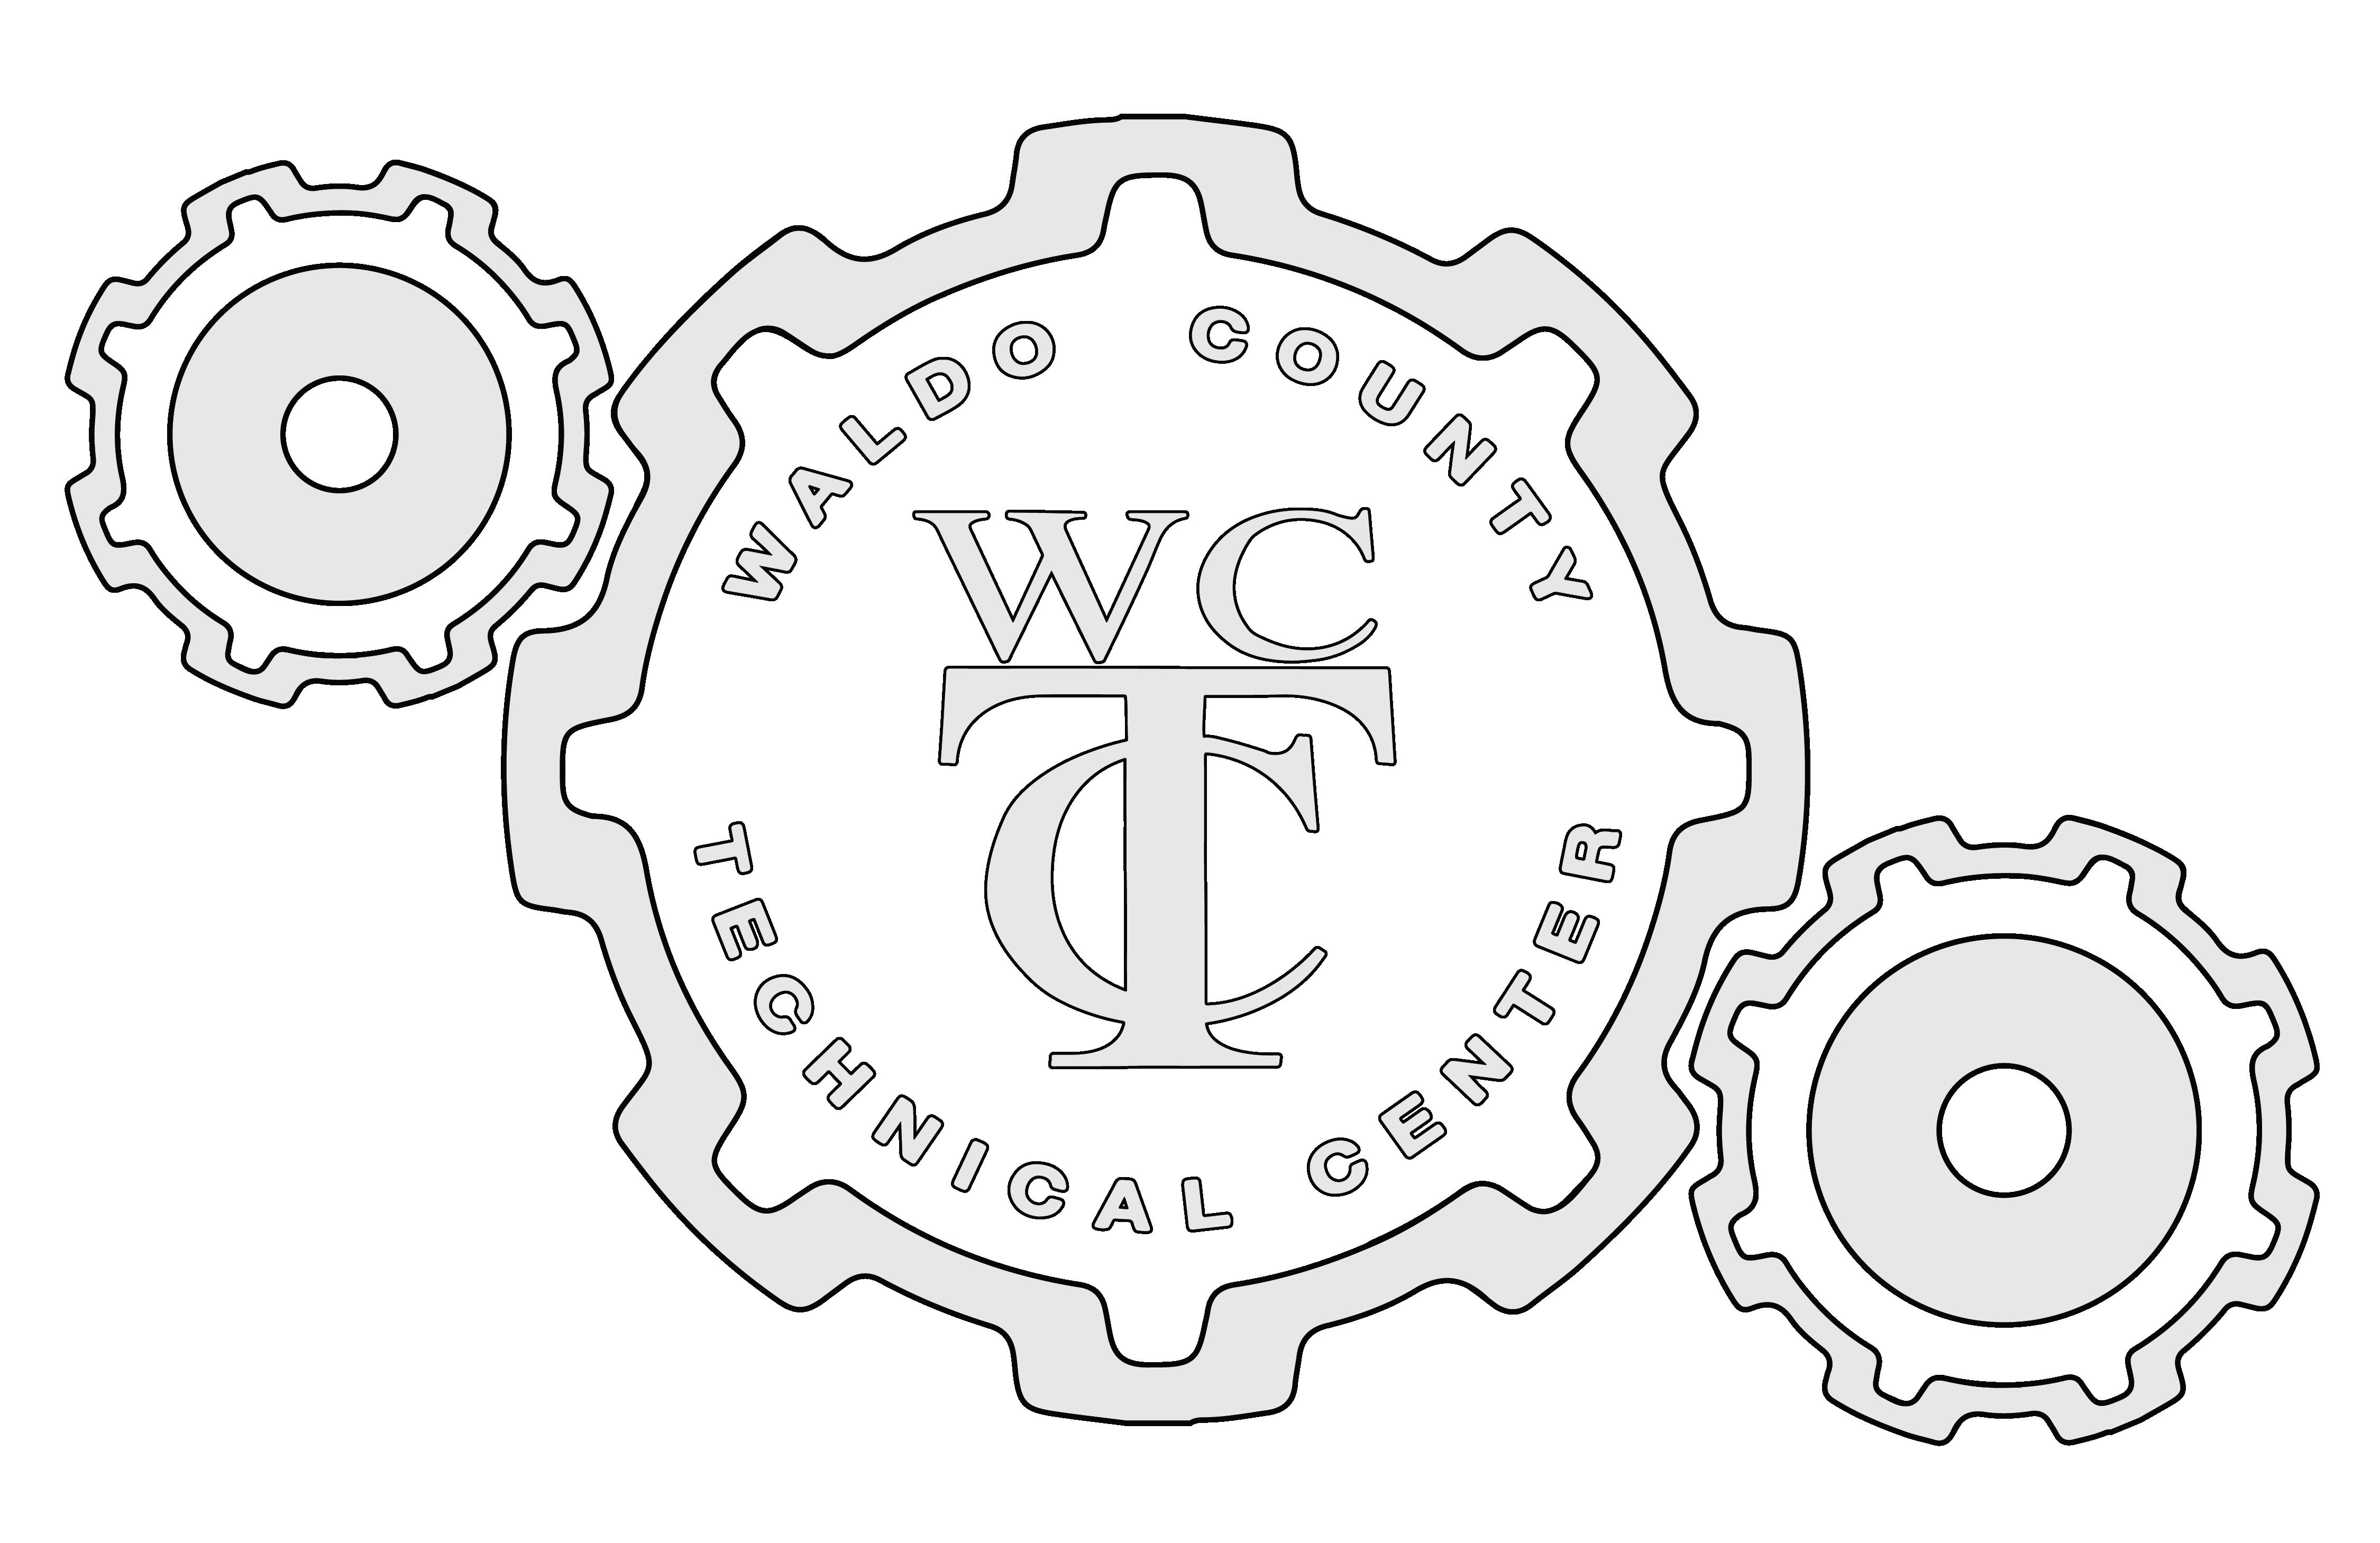 Waldo County Technical Center